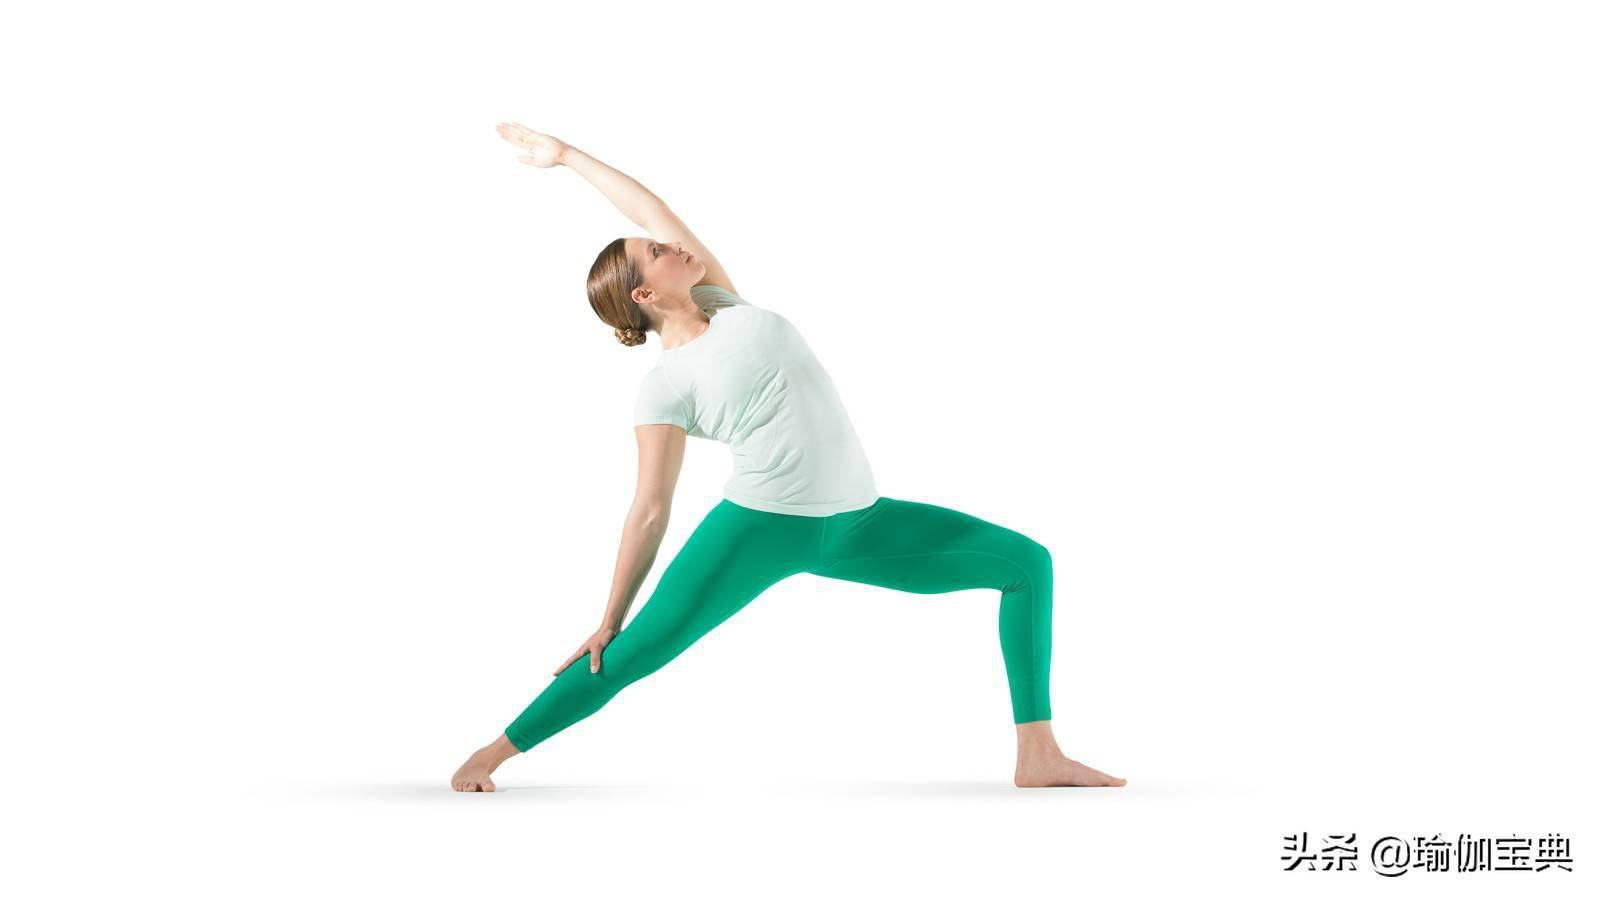 晨练瑜伽的这些好处你知道吗?附5套超实用的晨练序列!  女性晨练的最佳运动项目